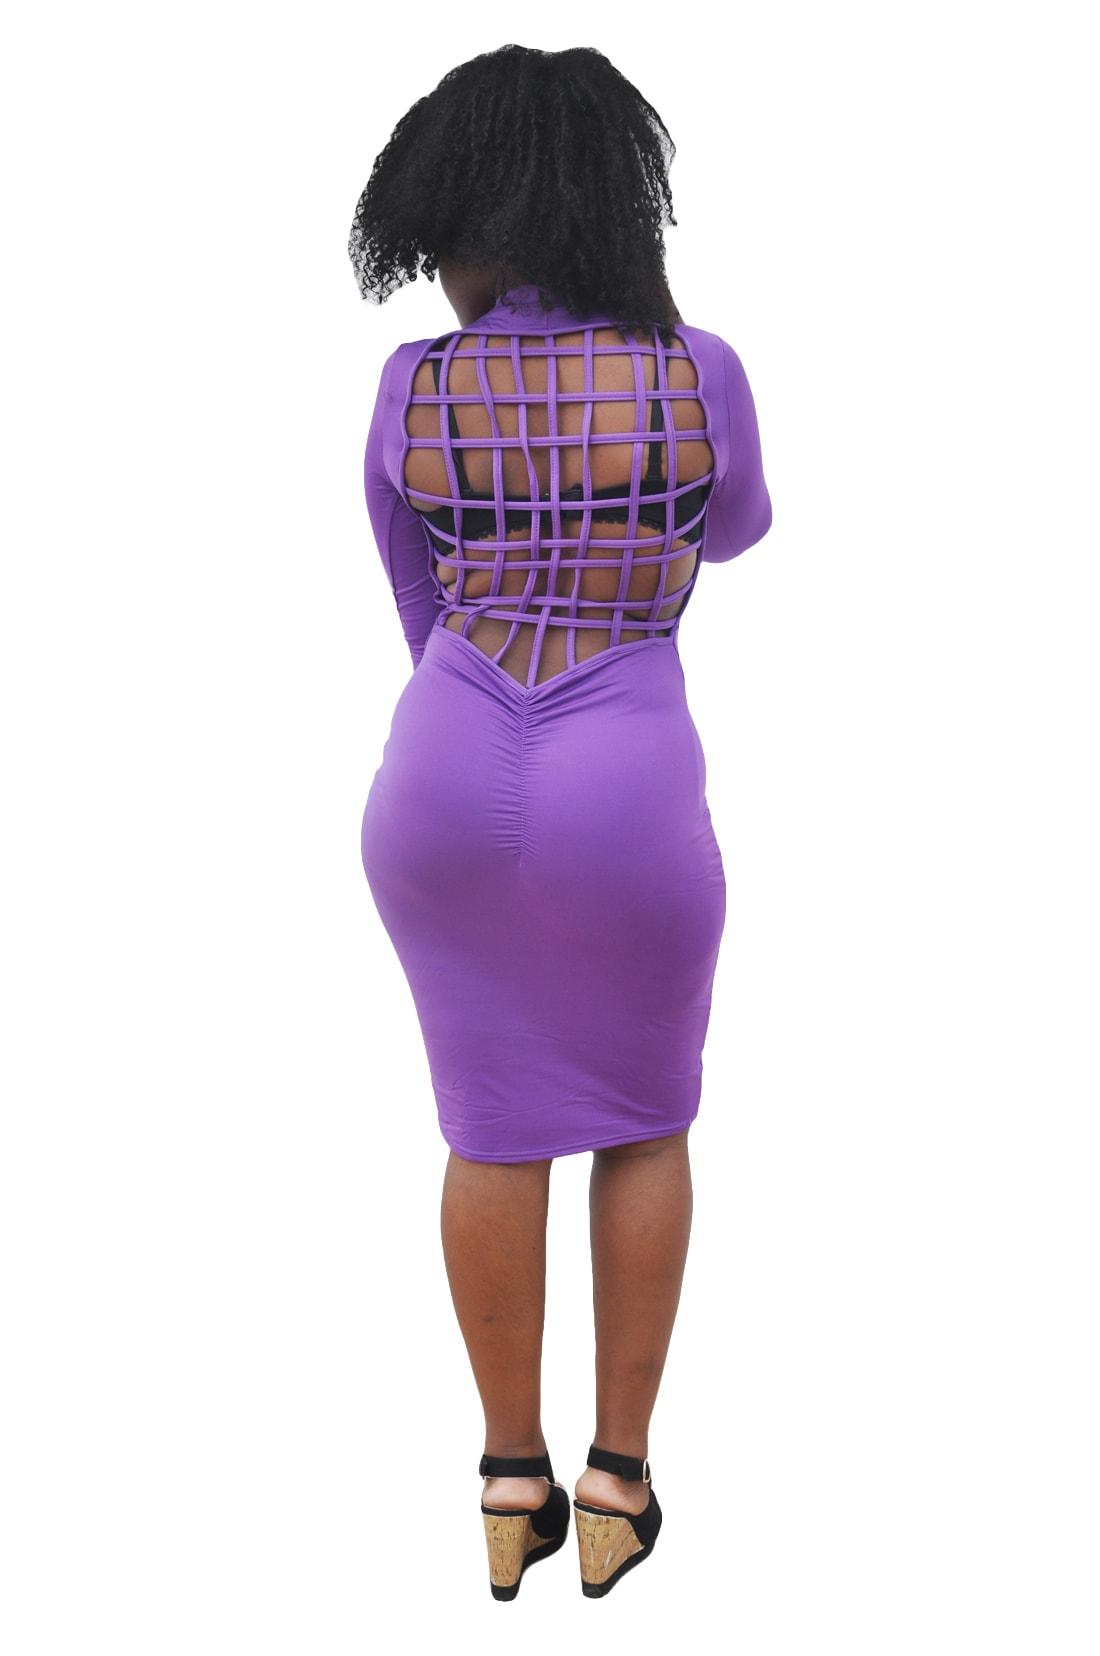 M0291 purple2 Office Evening Dresses maureens.com boutique